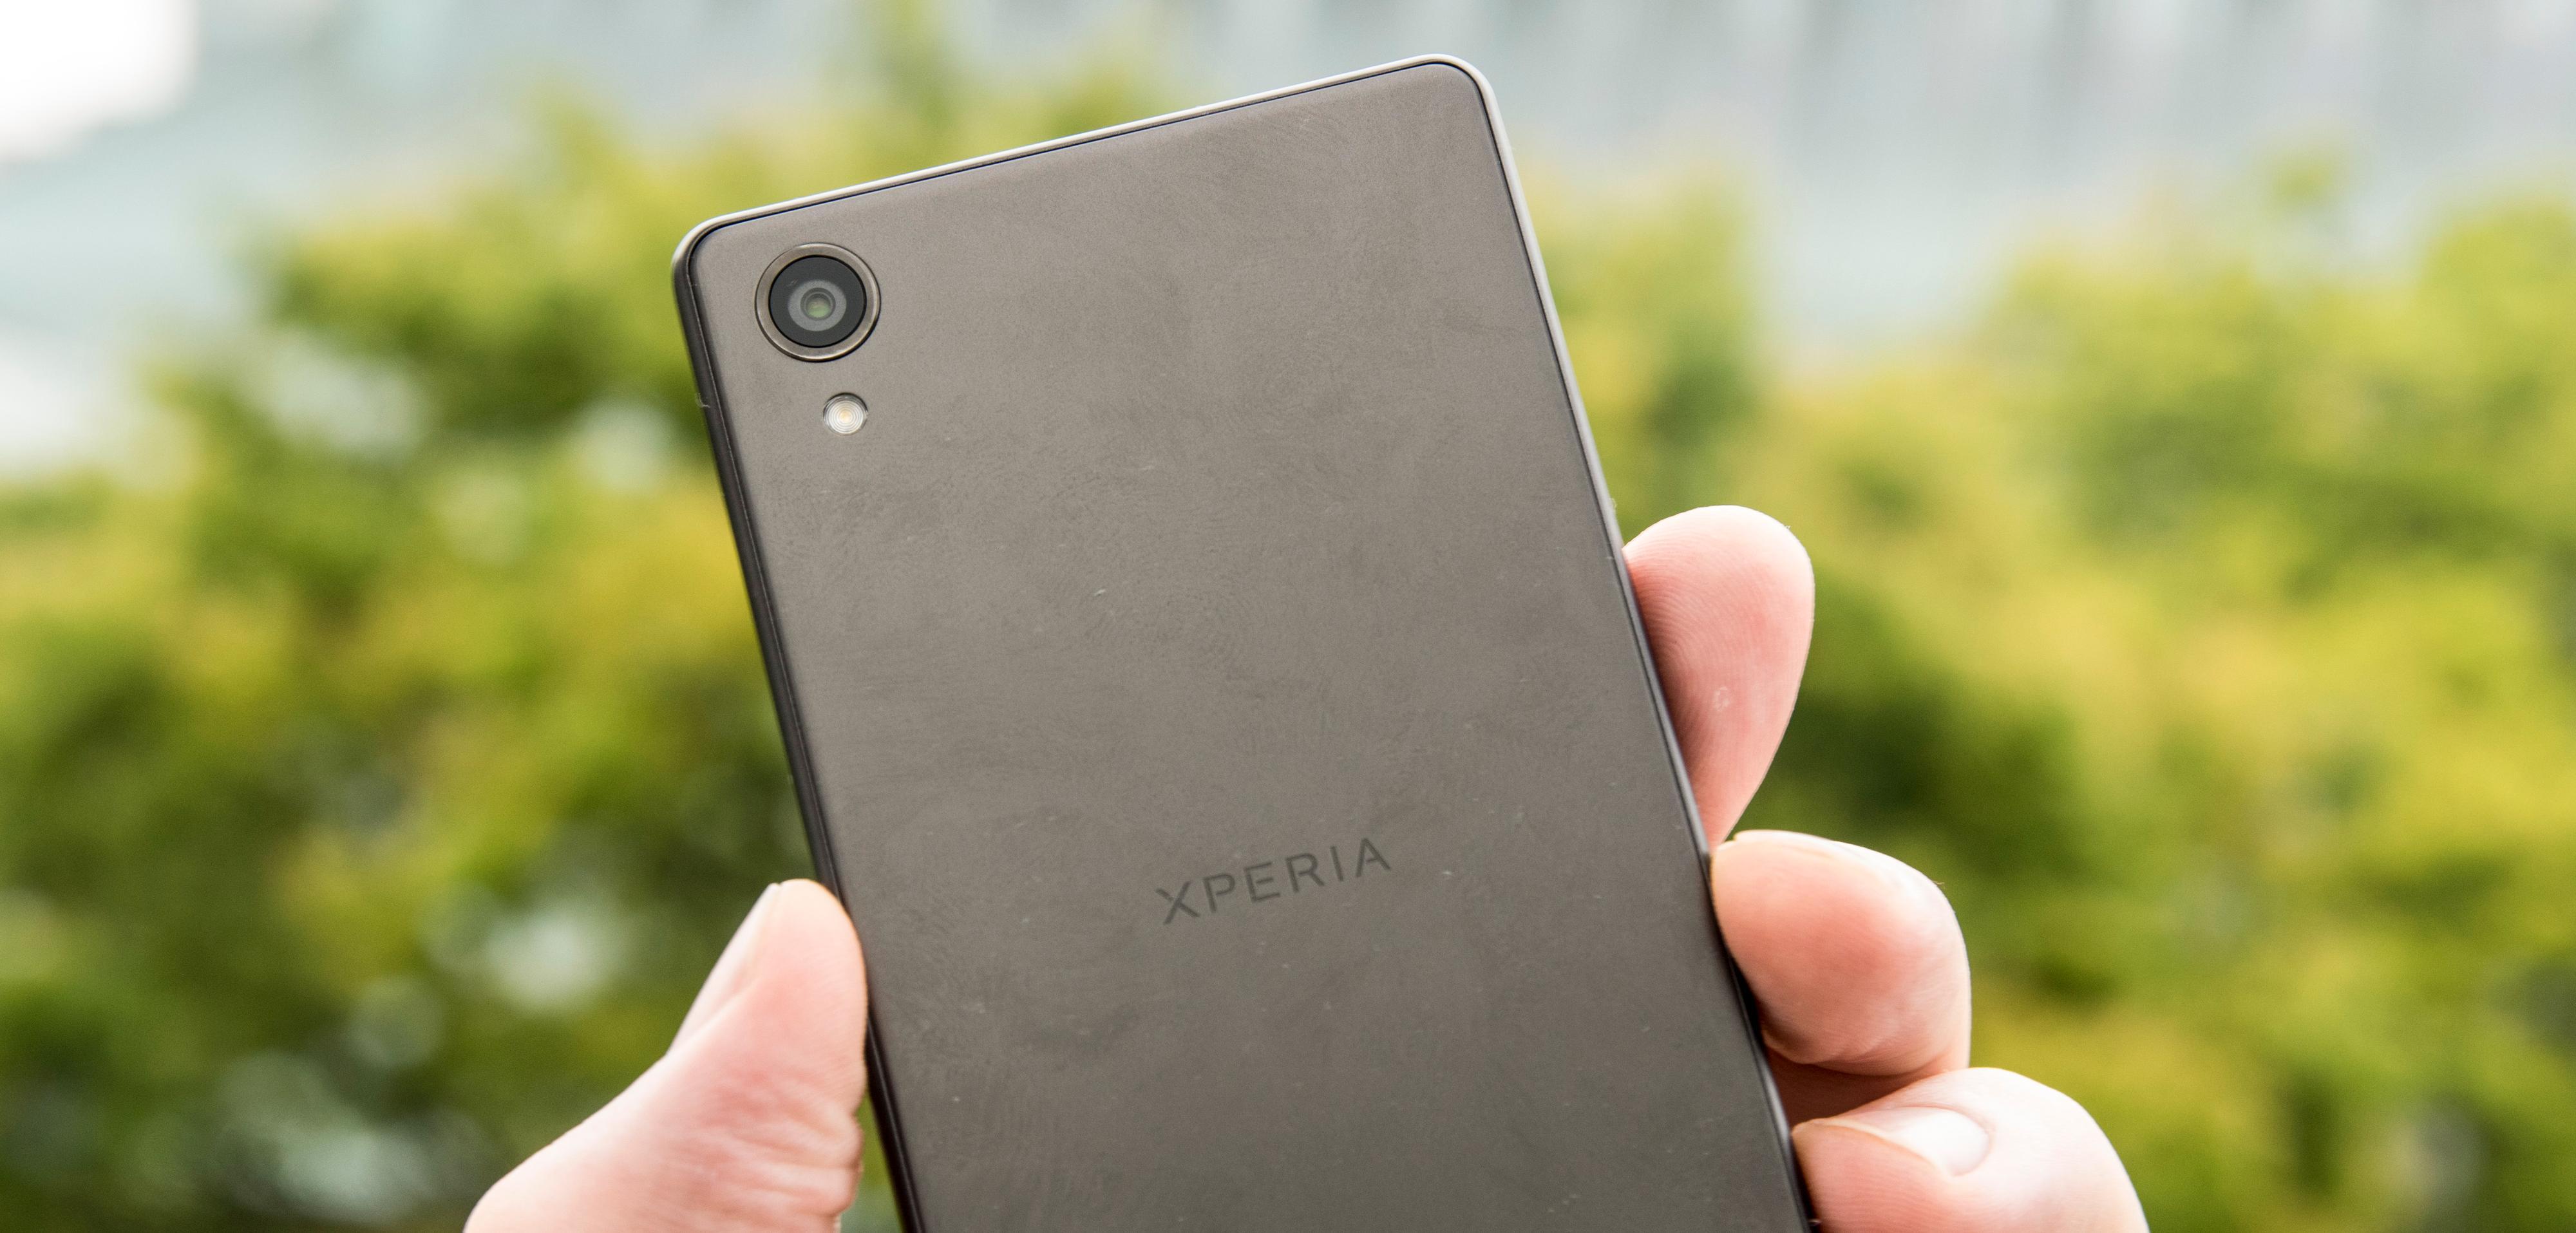 Kameraet i Xperia X er det samme som i Xperia Z5, men programvaren har lært nye triks siden sist.